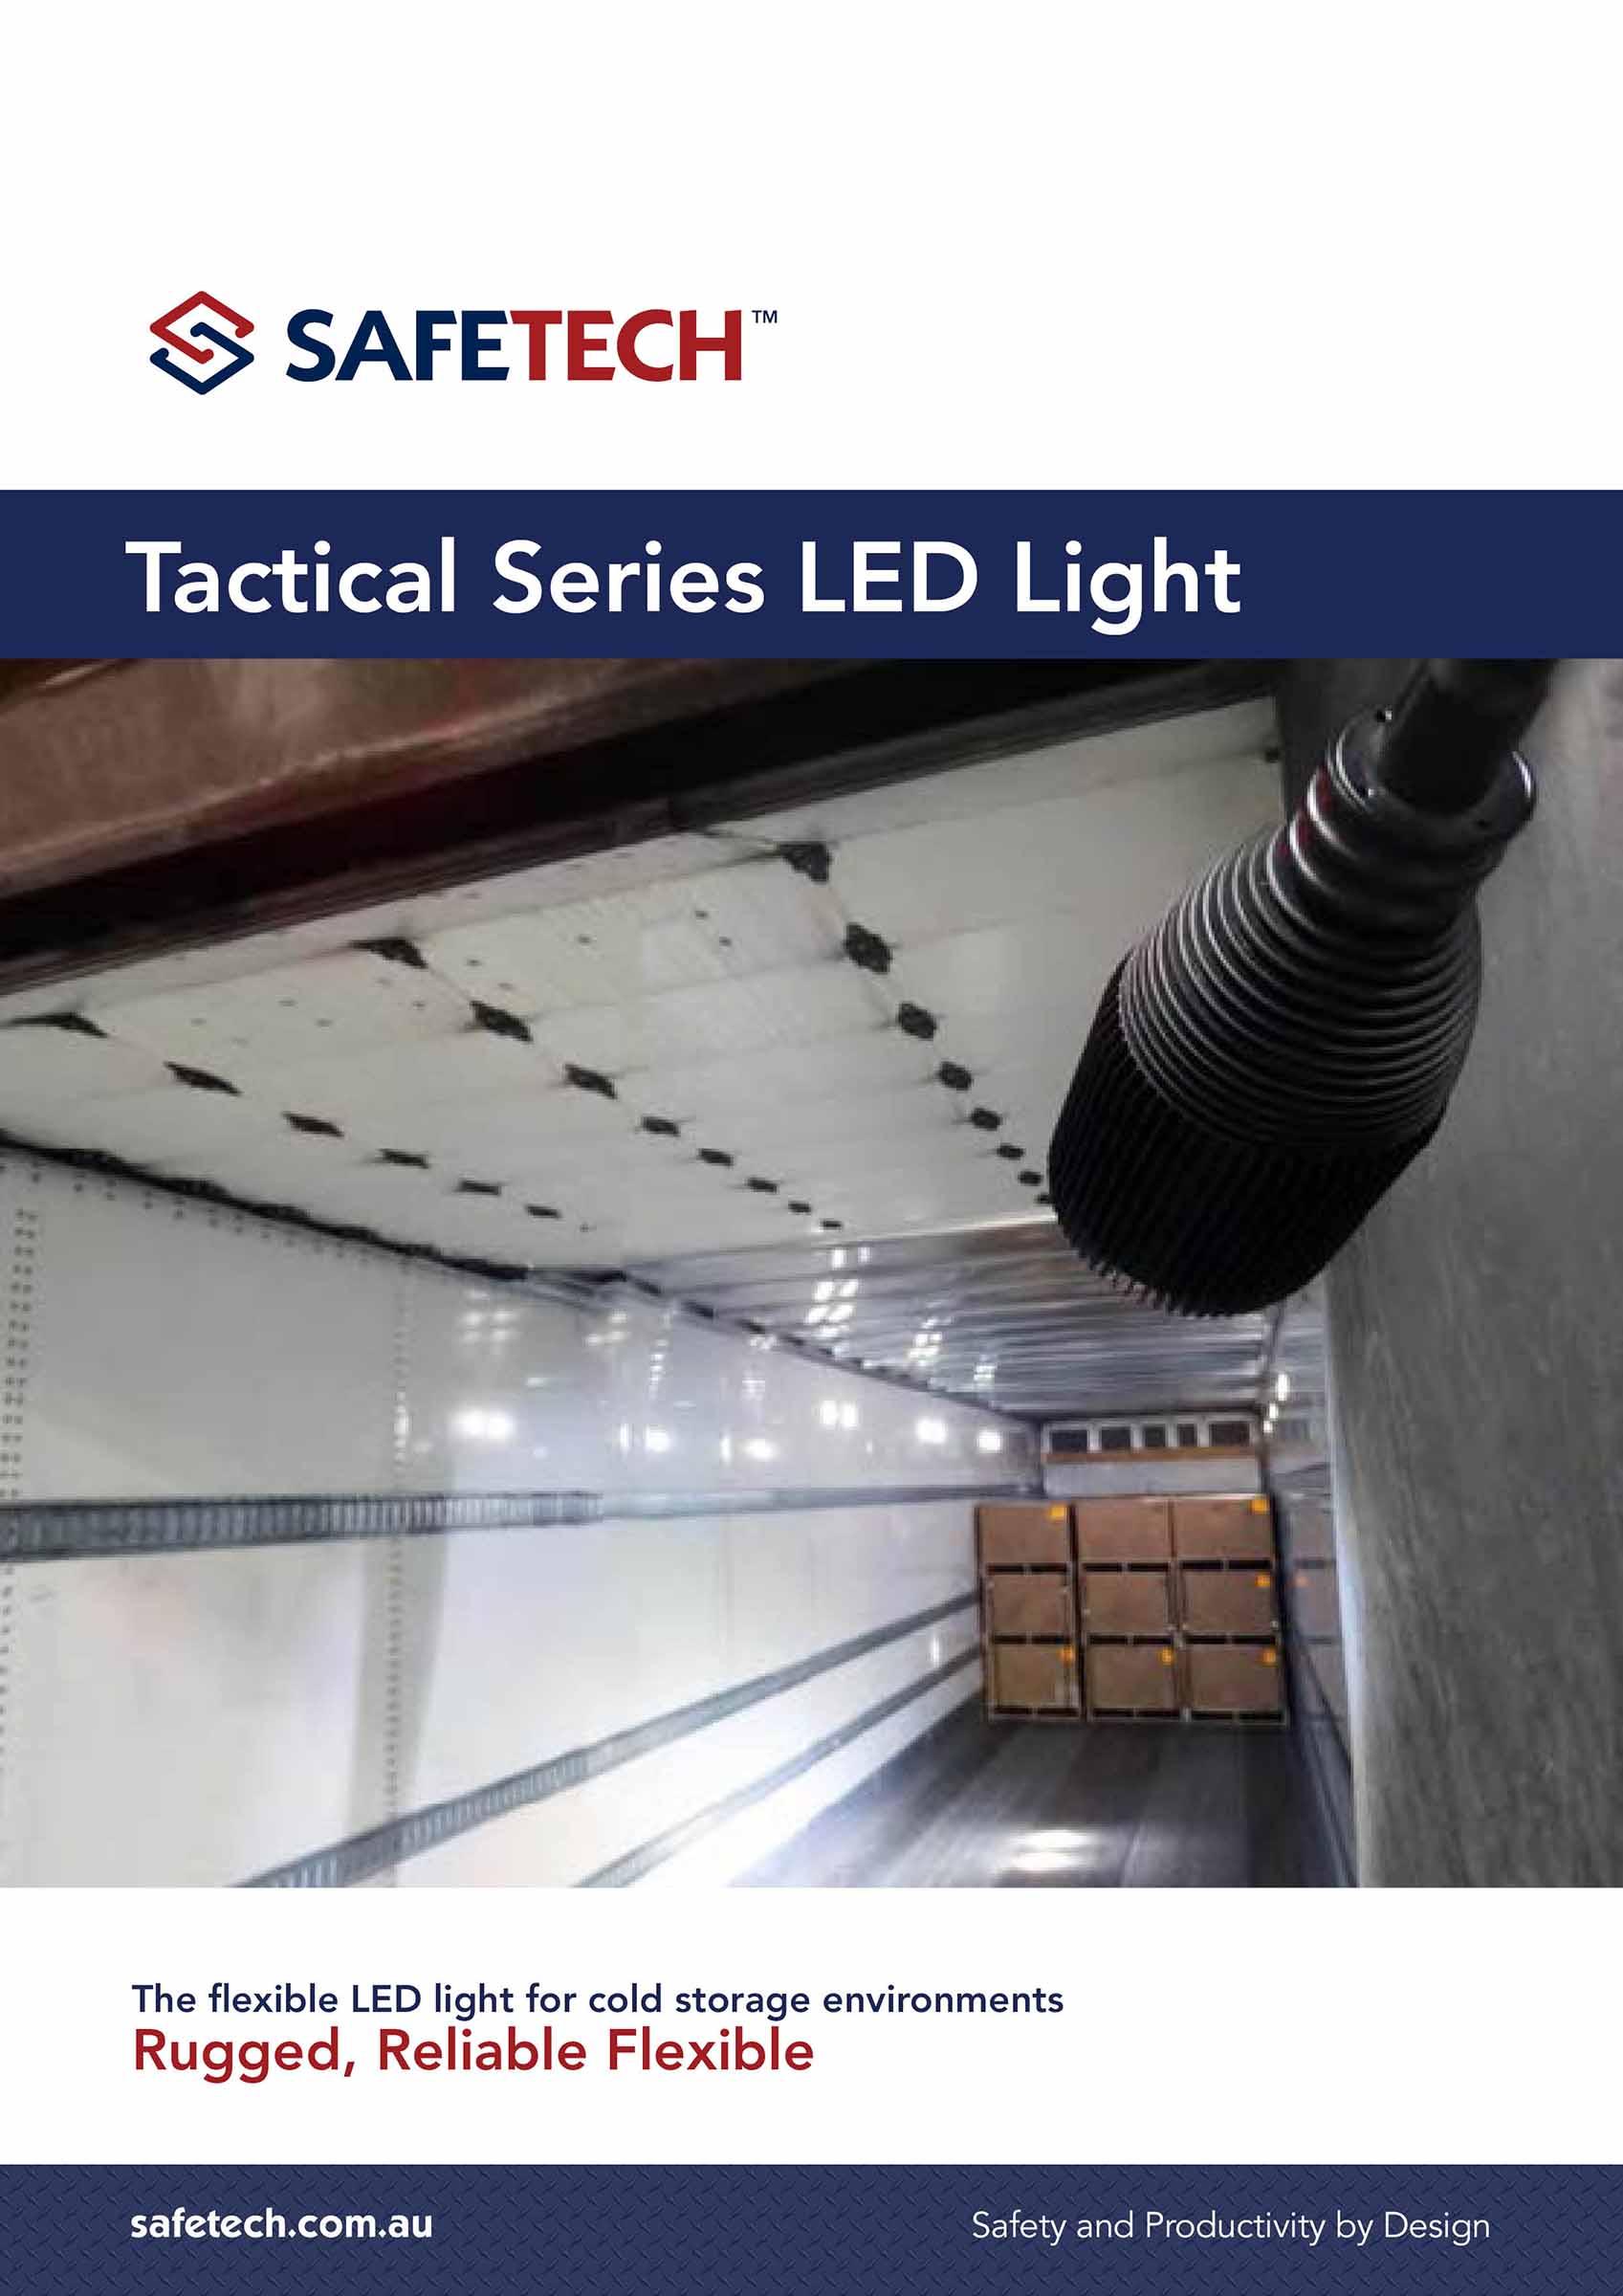 Safetech-APS-TacticalLight-A4